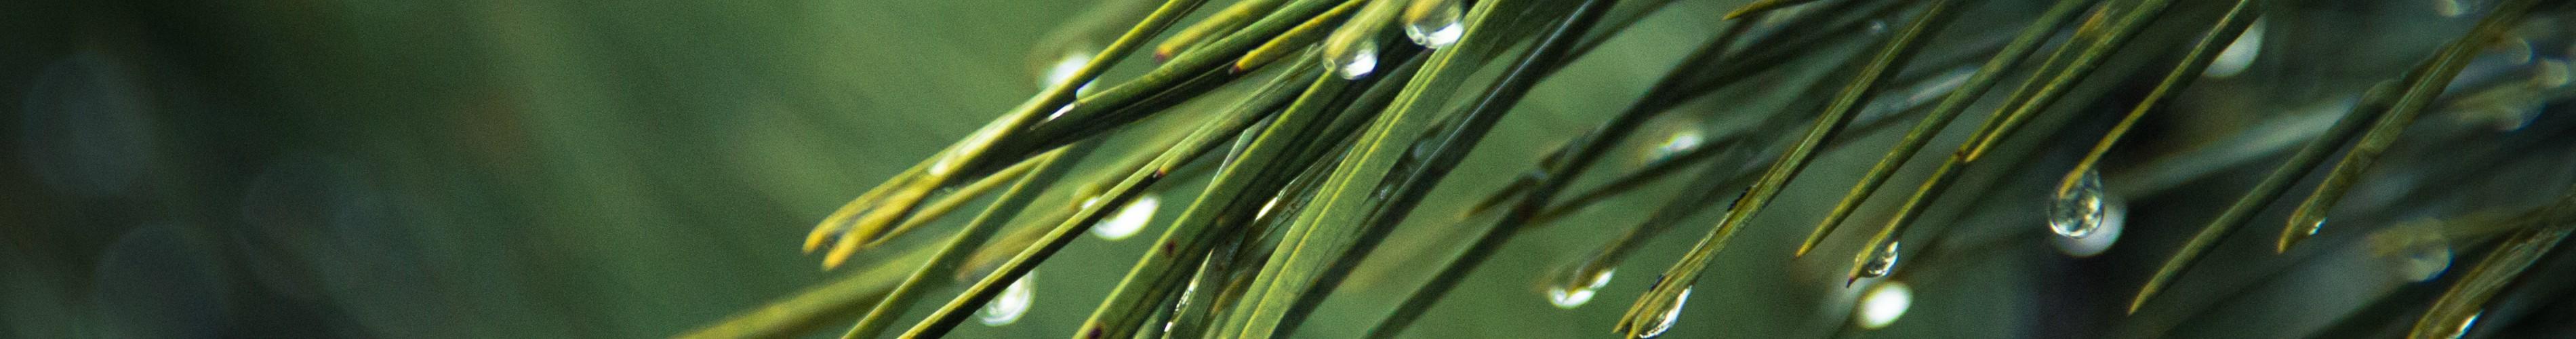 nature-tree-green-pine1